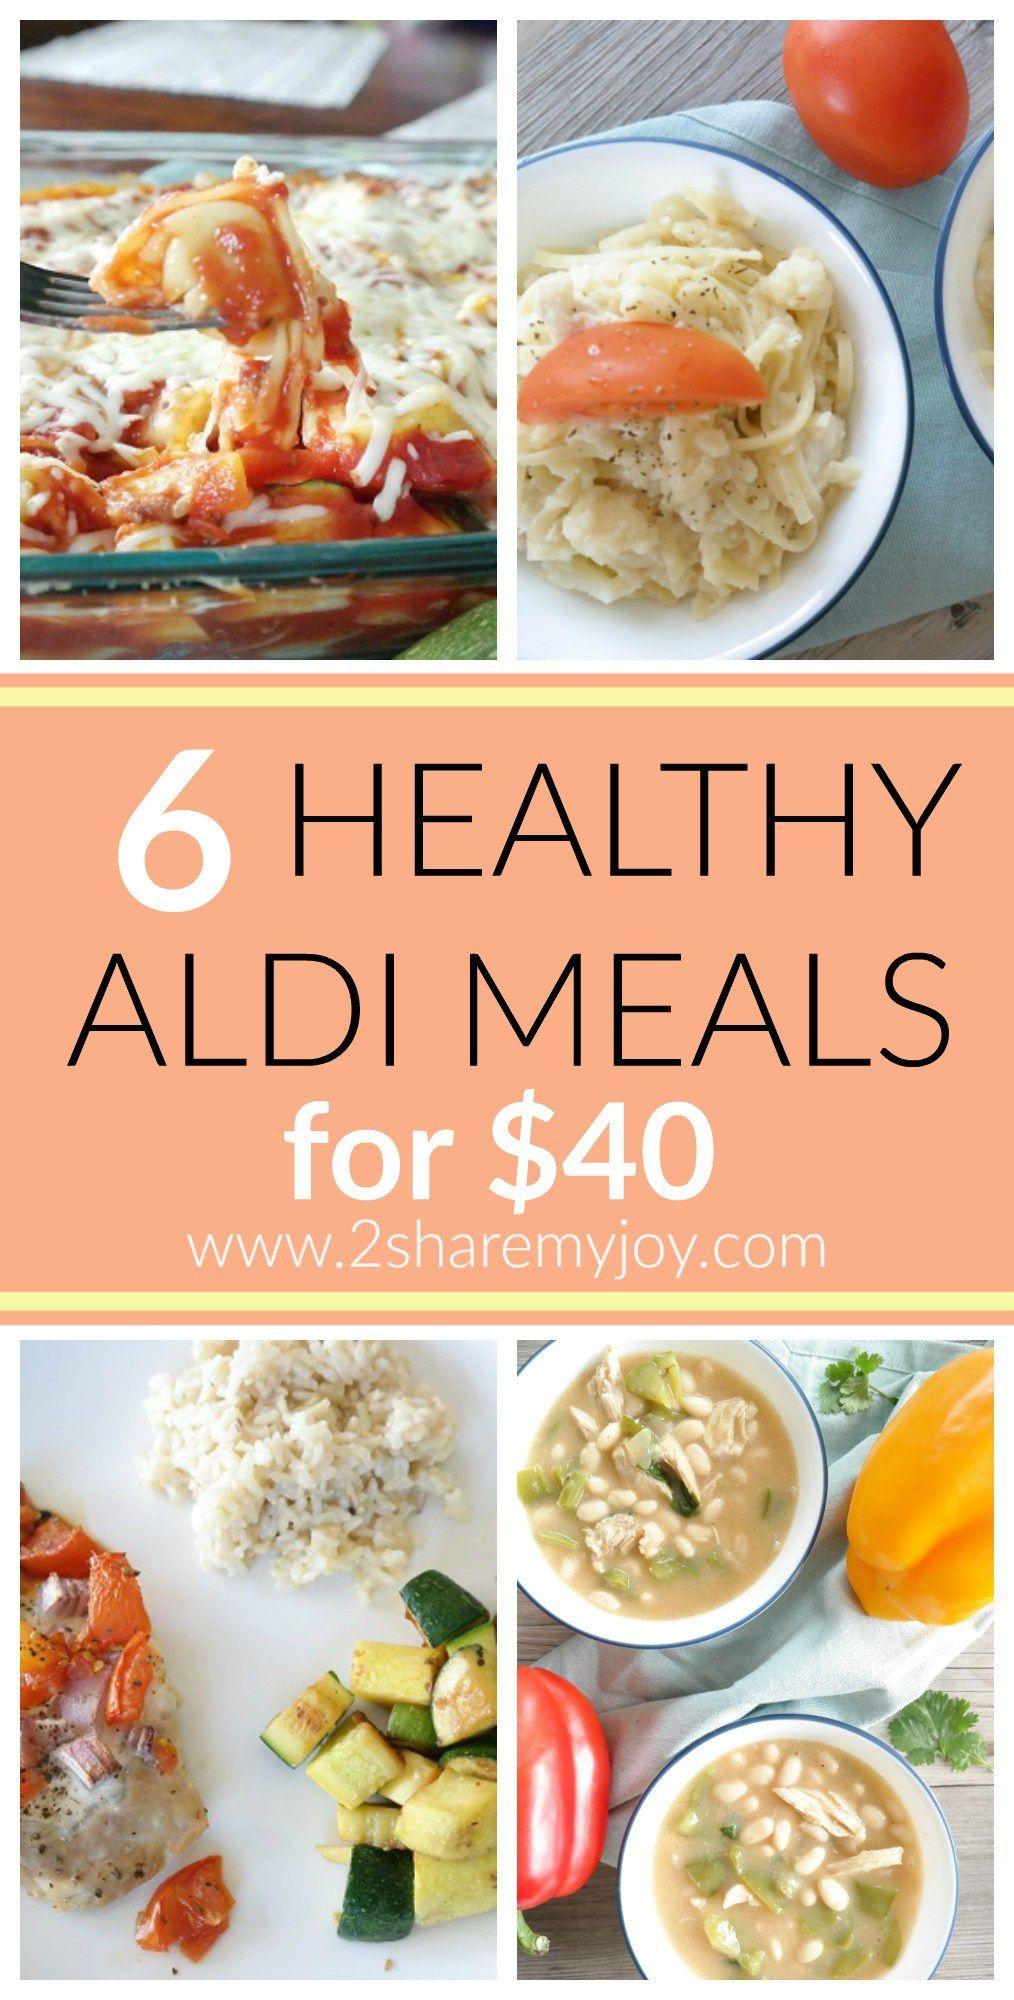 20 Aldi Meals Cheap Dinner Recipes Under 2 Per Serving Diner Recipes Cheap Dinner Recipes Aldi Meal Plan